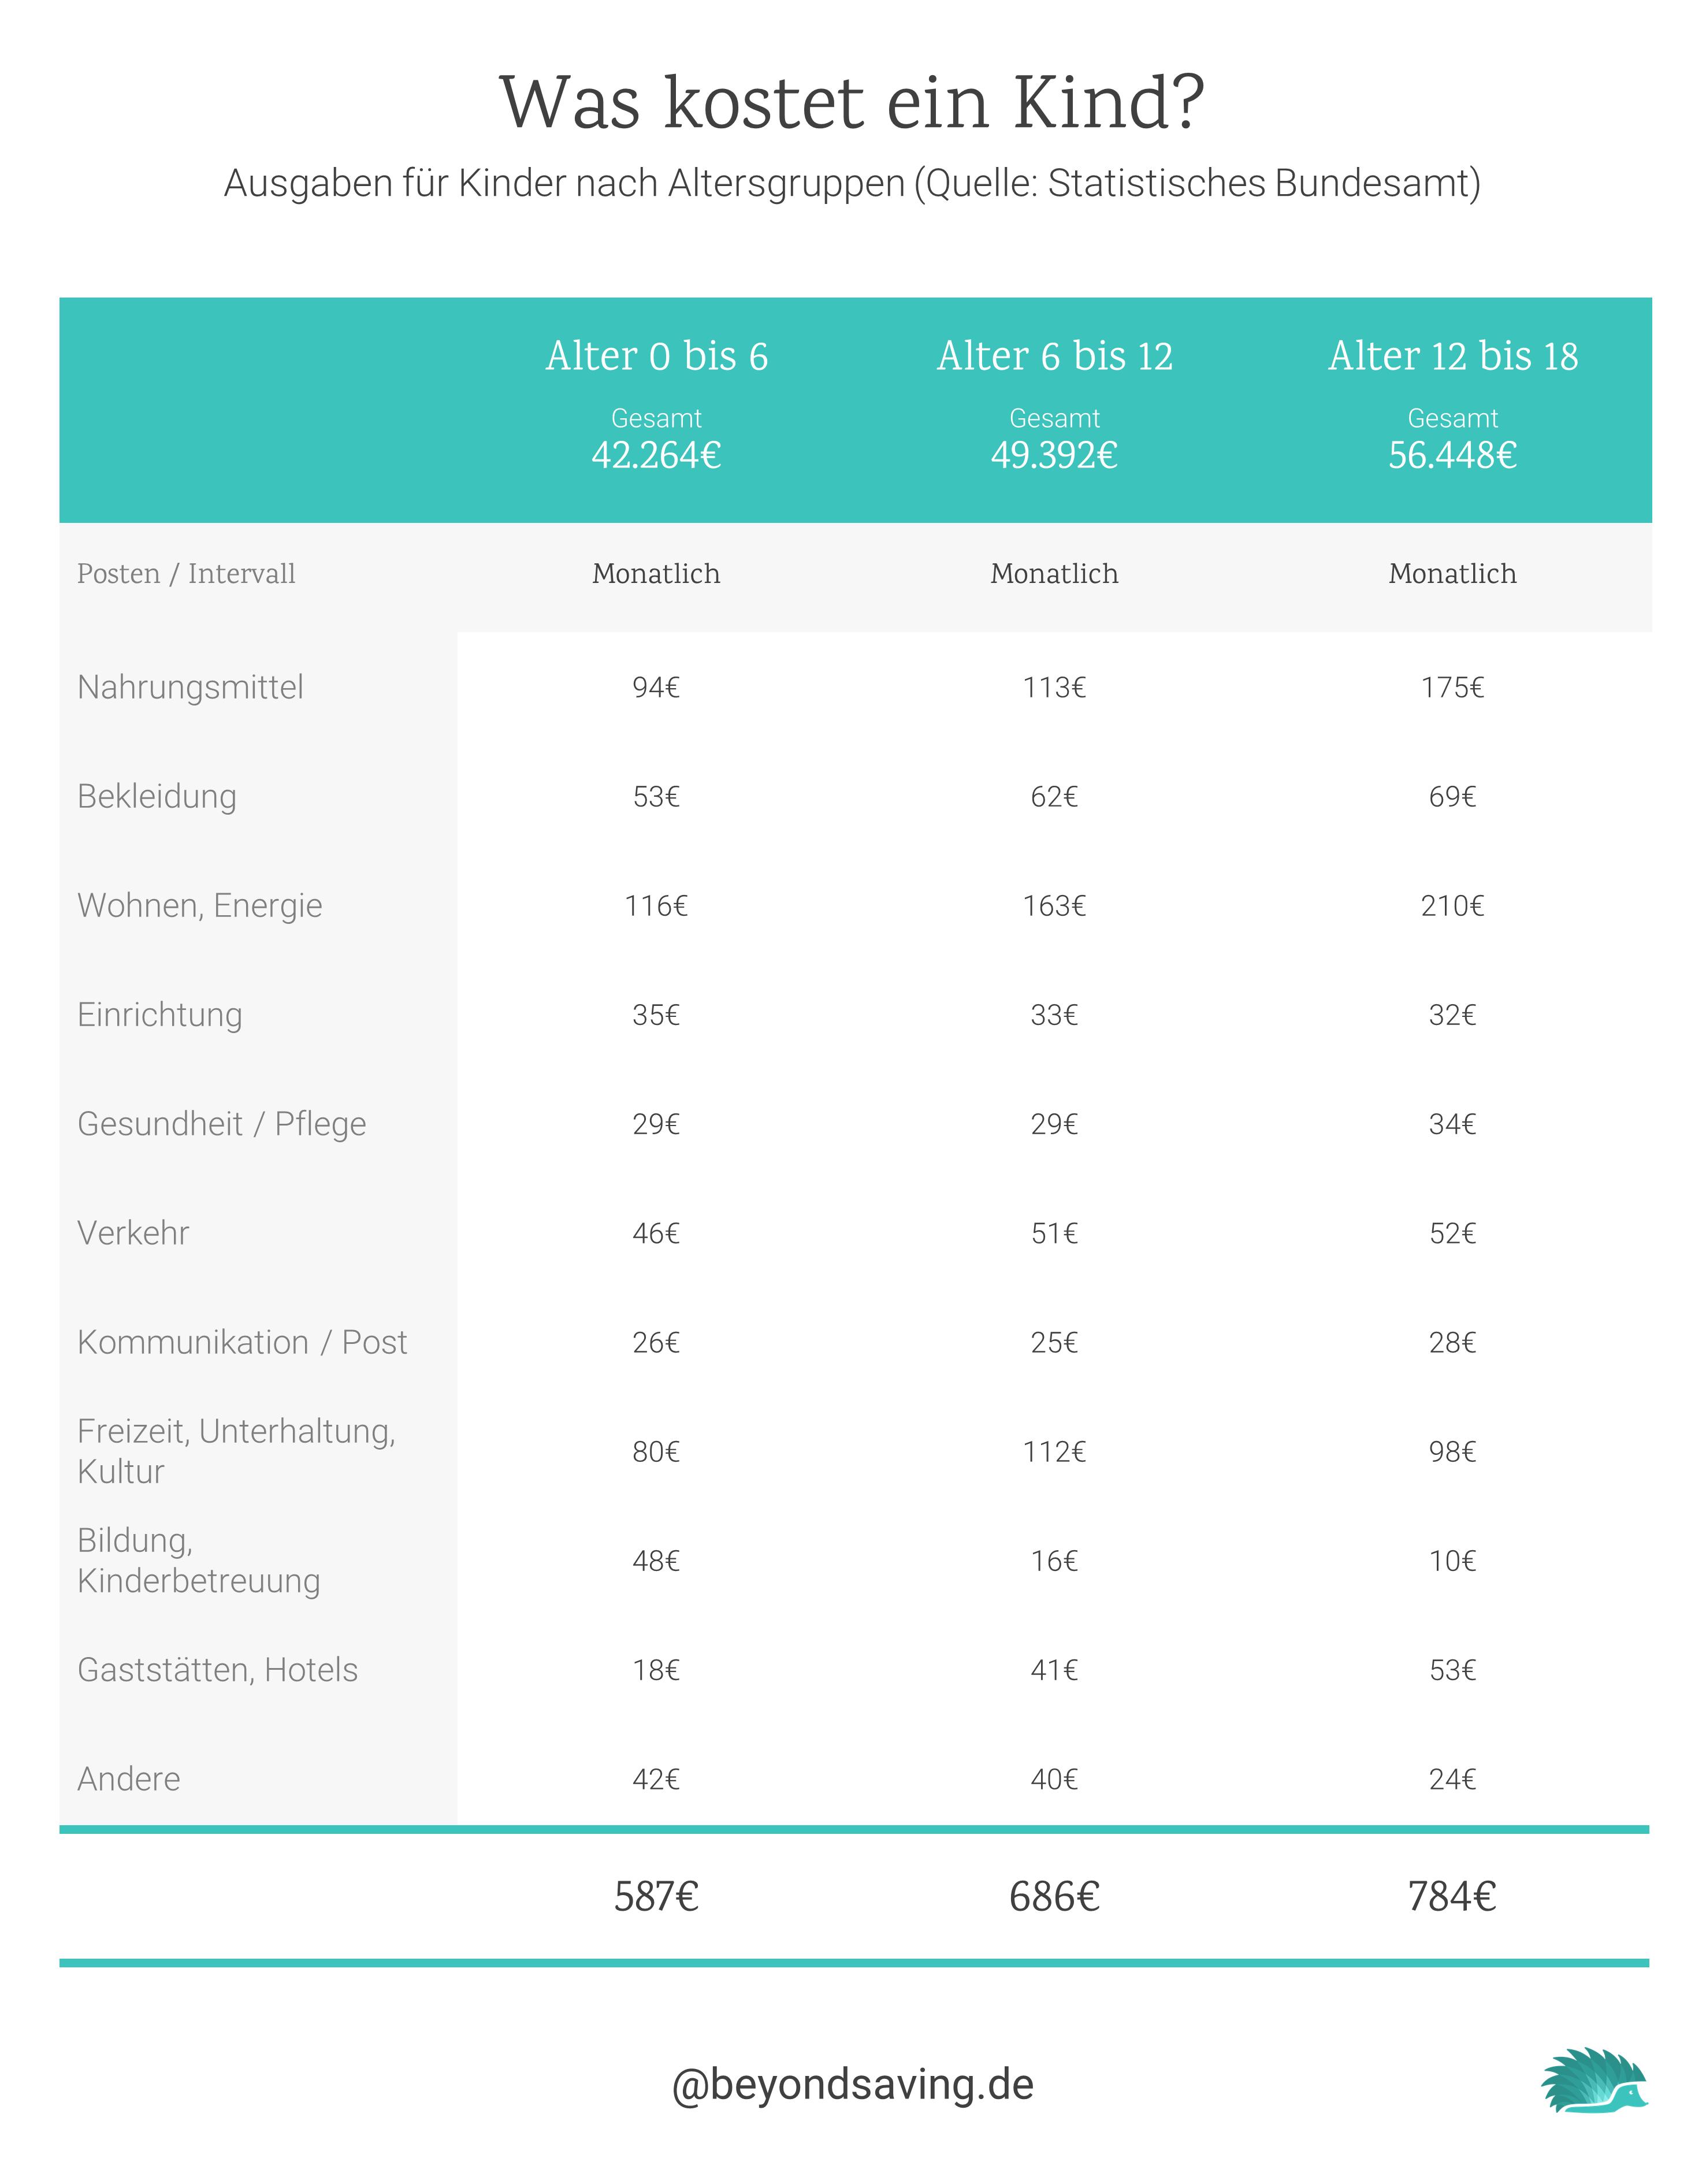 Was kostet ein Kind bis zum 18. Lebensjahr